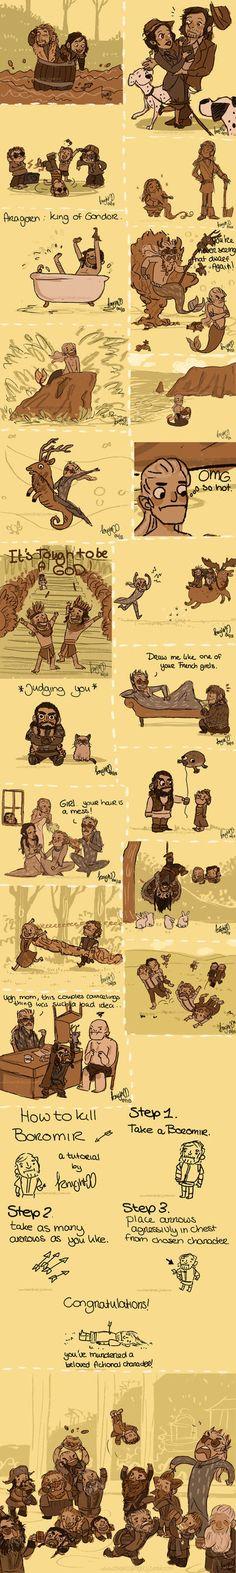 Hobbit/LOTR Livestream Dump by knightJJ on DeviantArt Omg, thranduil as king triton and legolas as ariel :D #lotr #hobbit